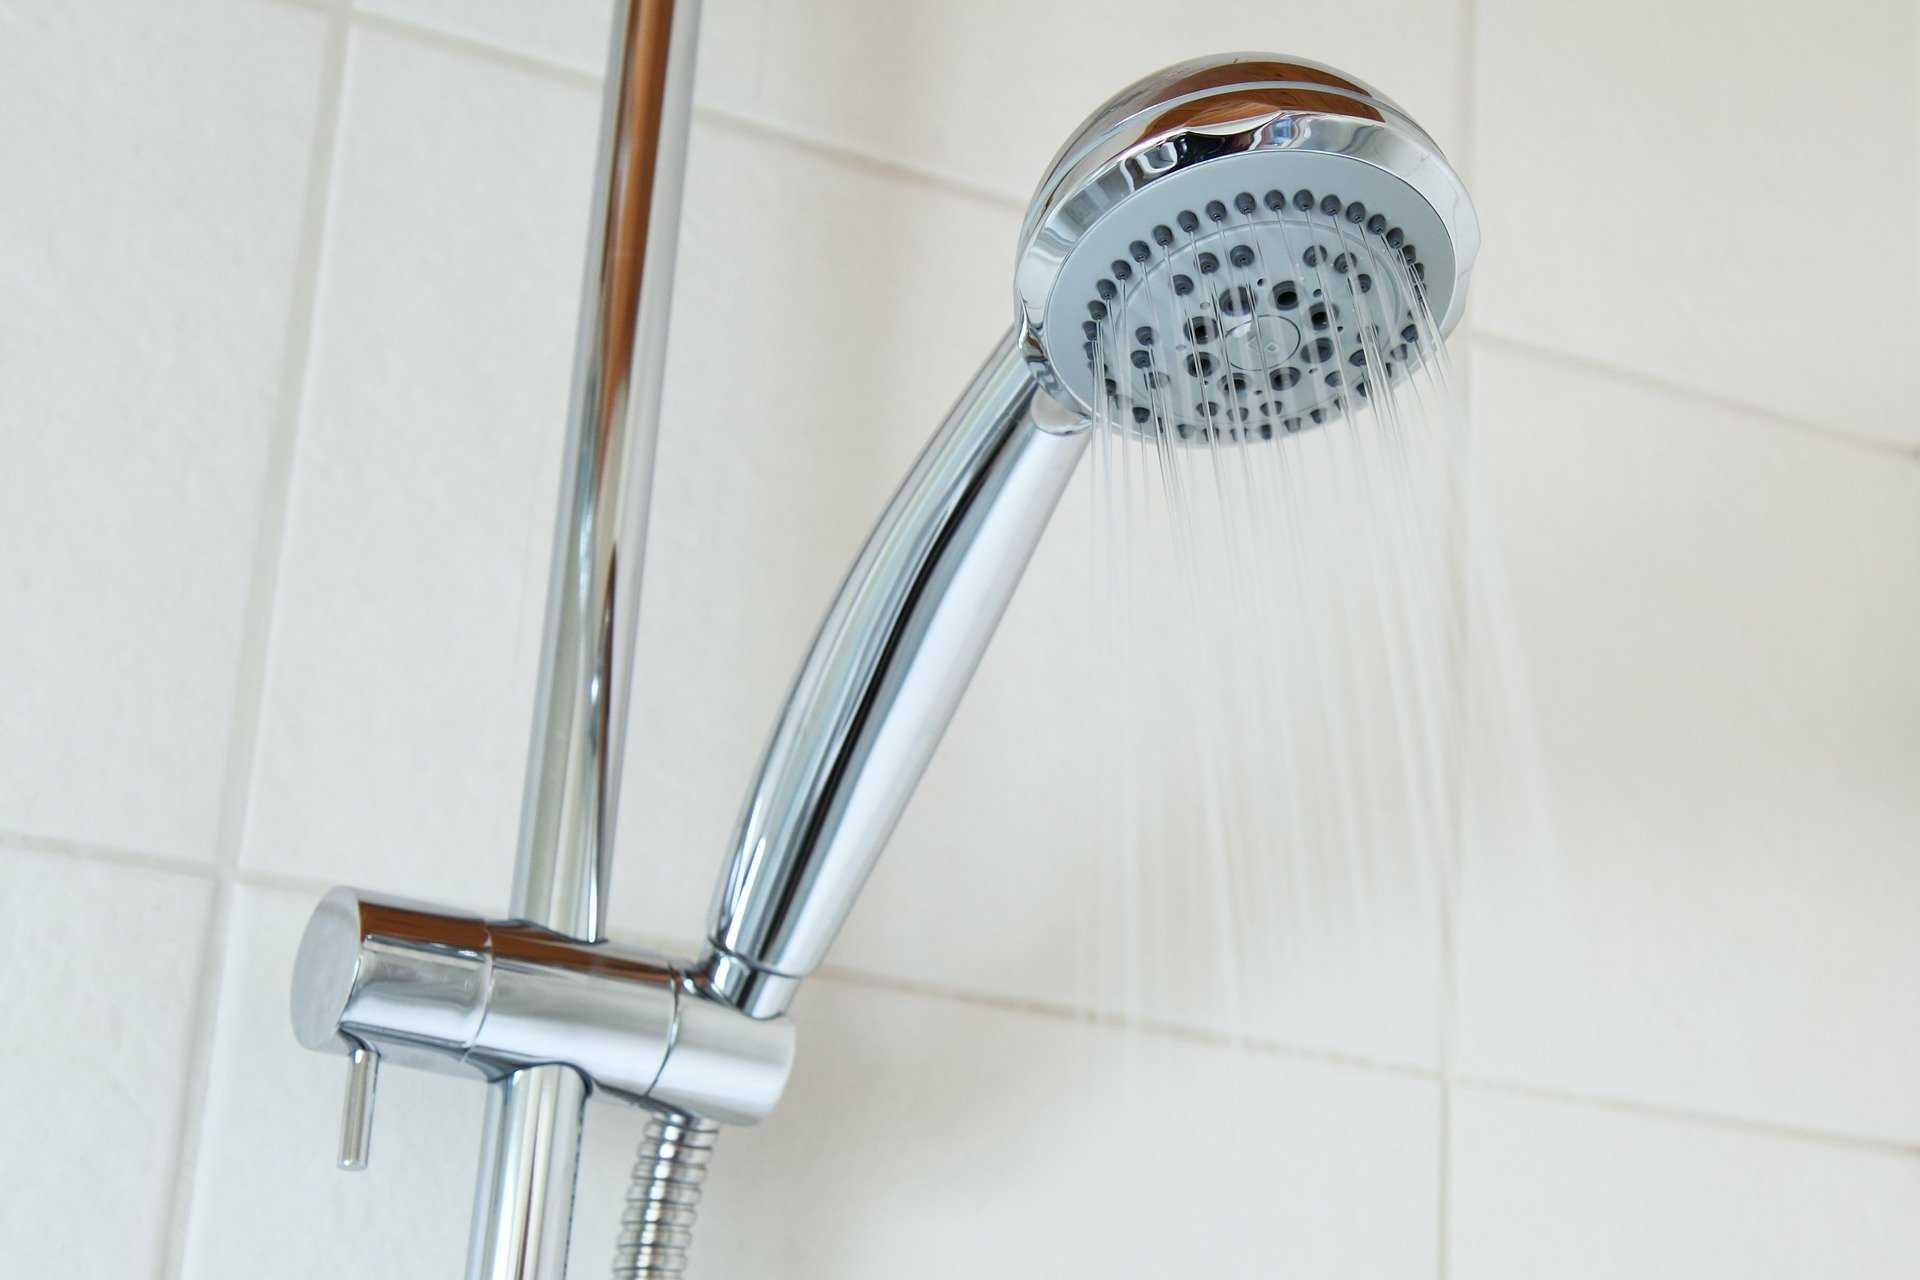 Аварийное отключение горячей воды в Новороссийске